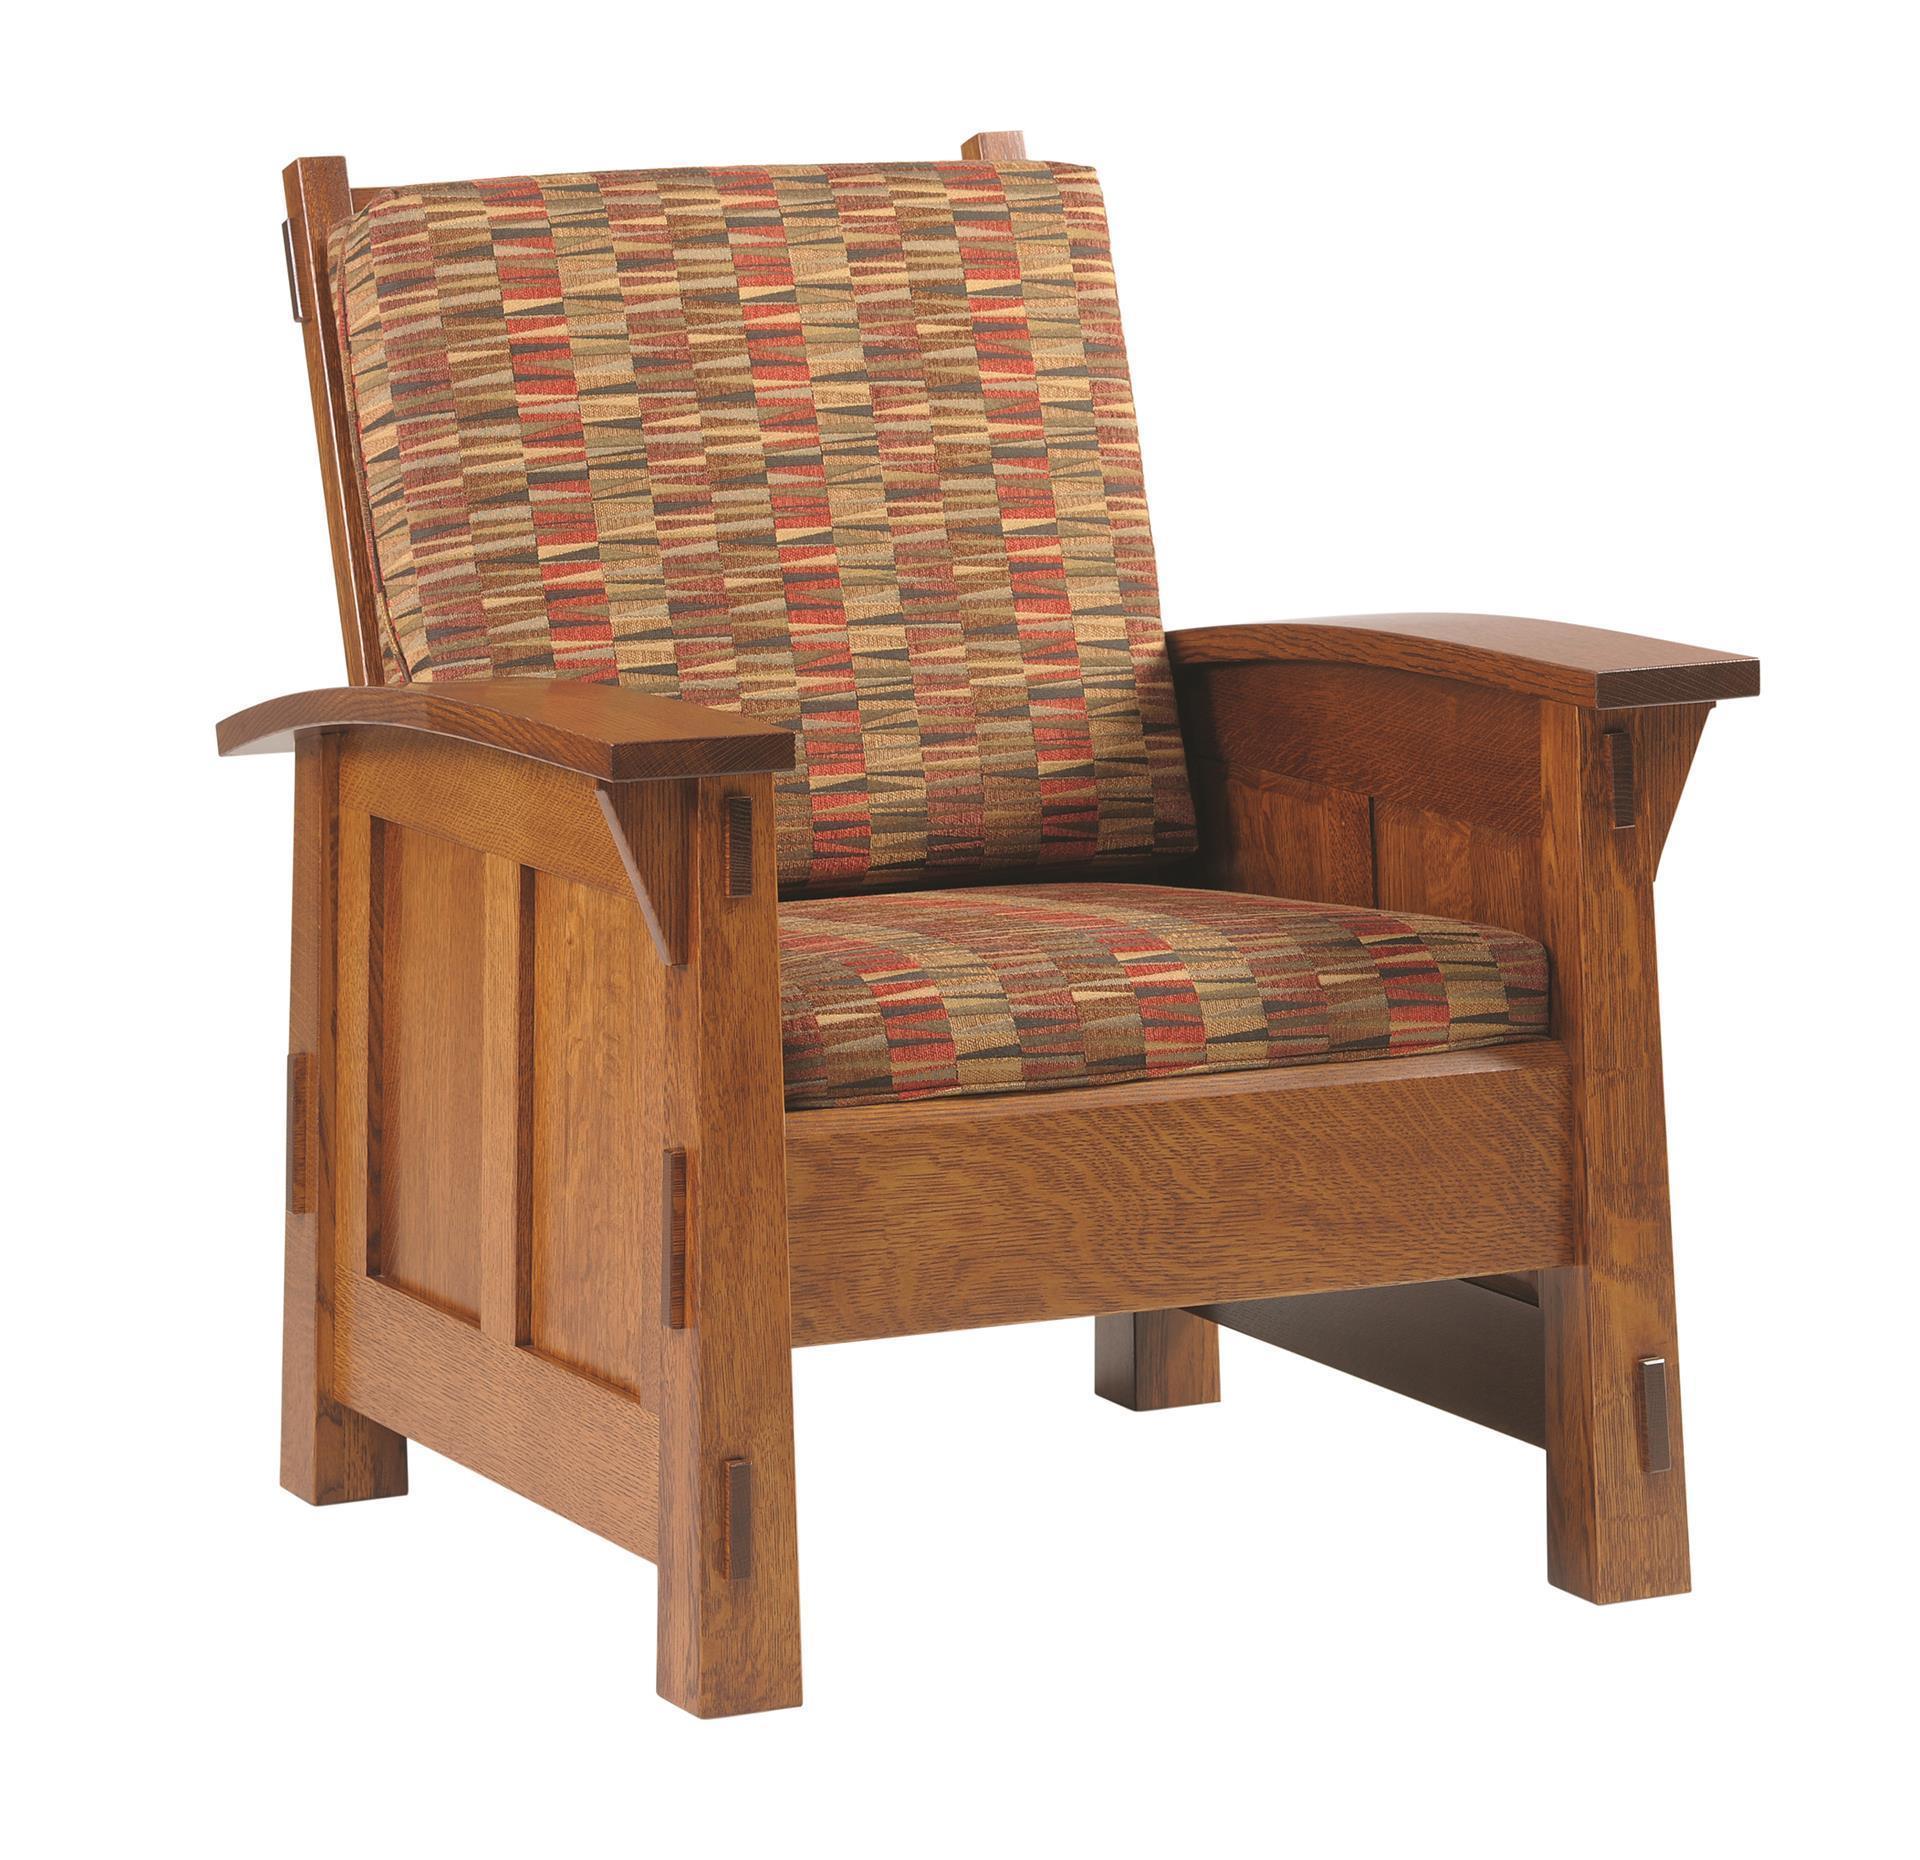 White Shaker Living Room Furniture: Goshen Shaker Living Room Set